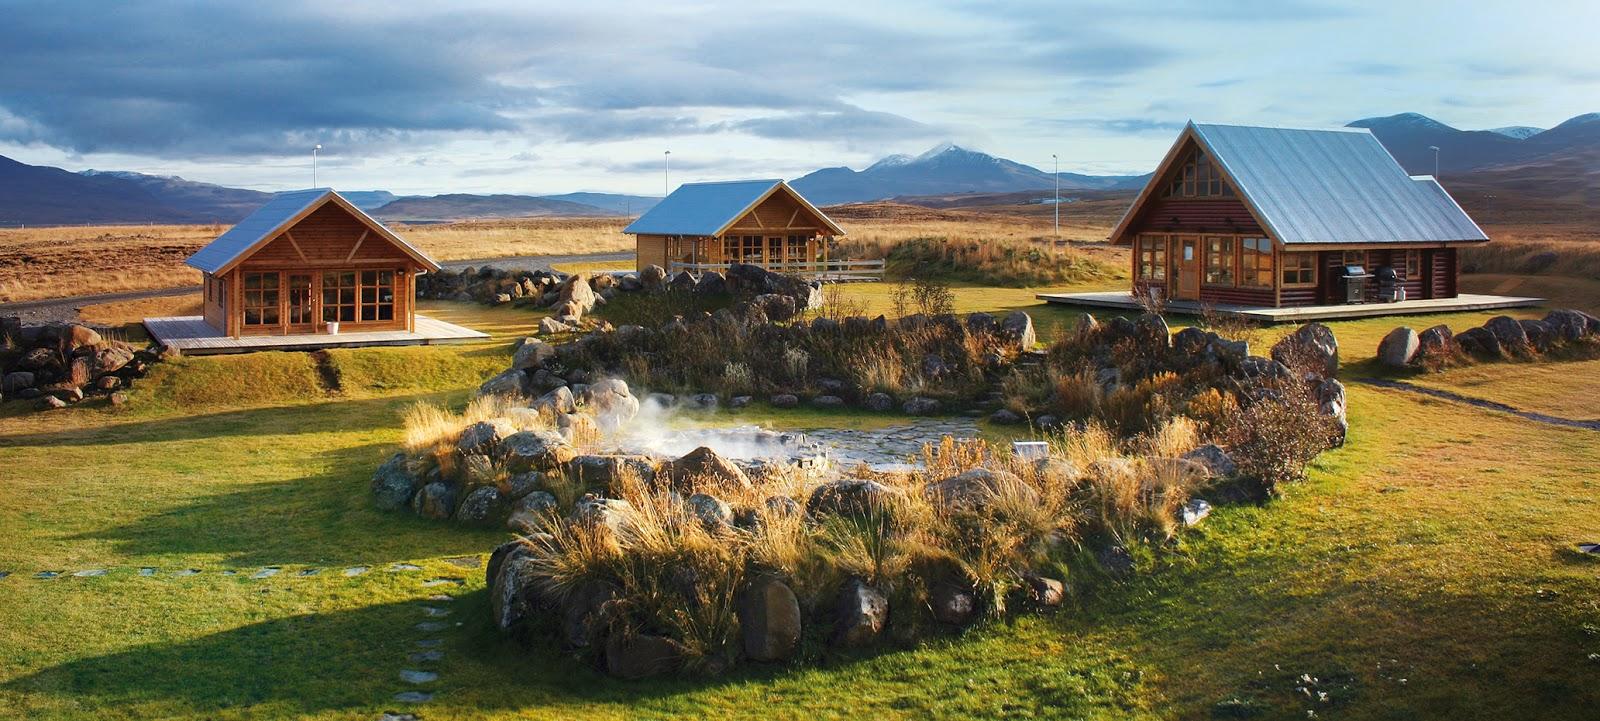 islandia 24 - noticias y viajes a islandia -: alojamiento durante tu